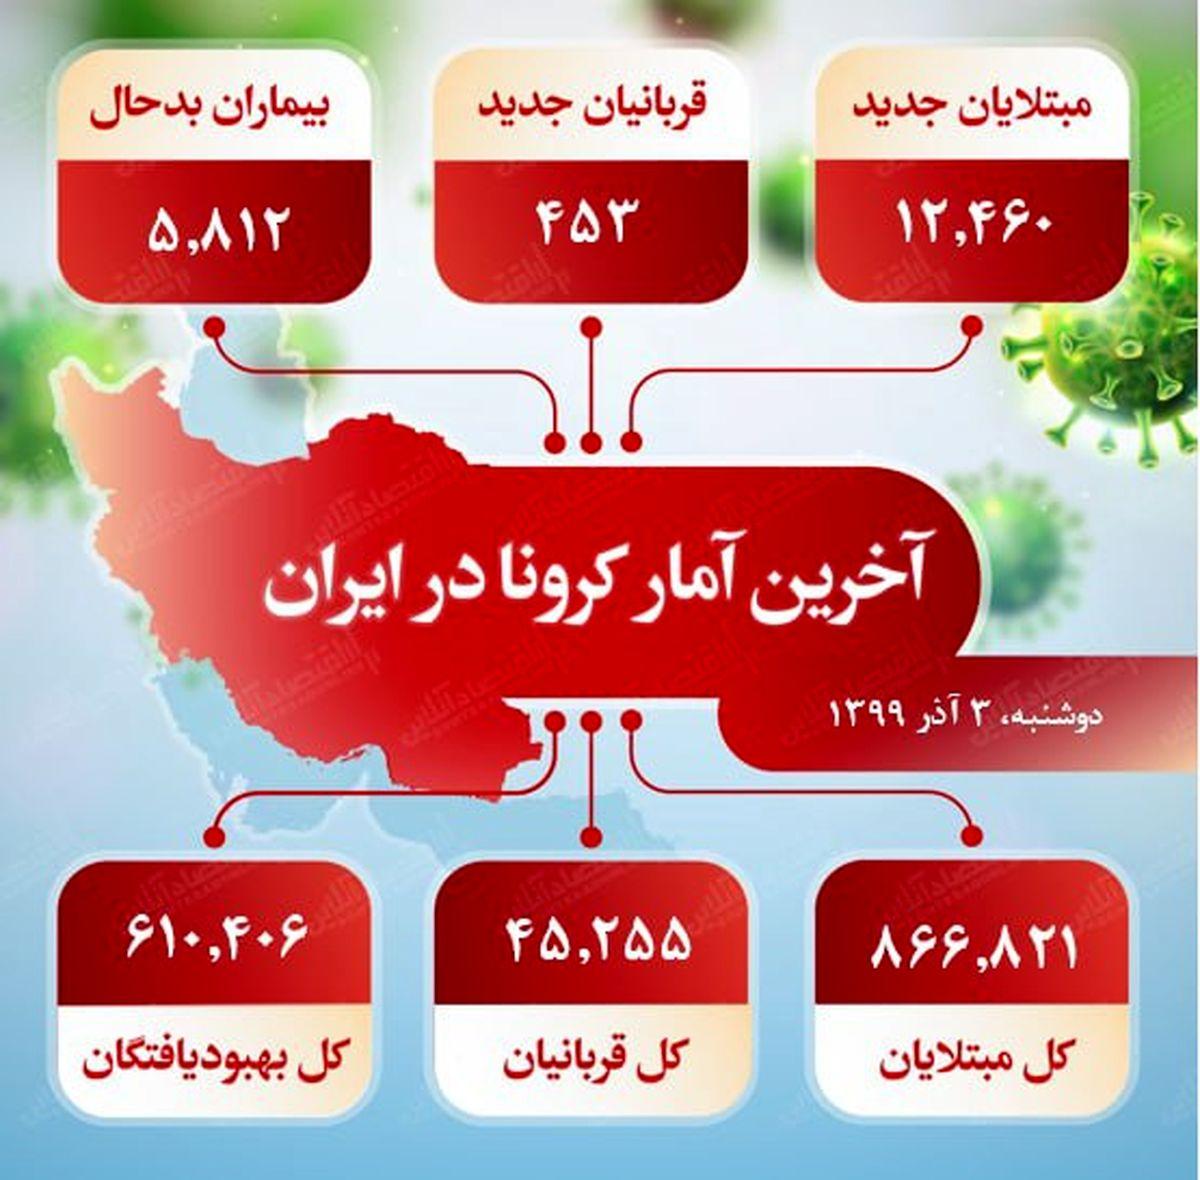 آخرین آمار کرونا در ایران (۹۹/۹/۳)